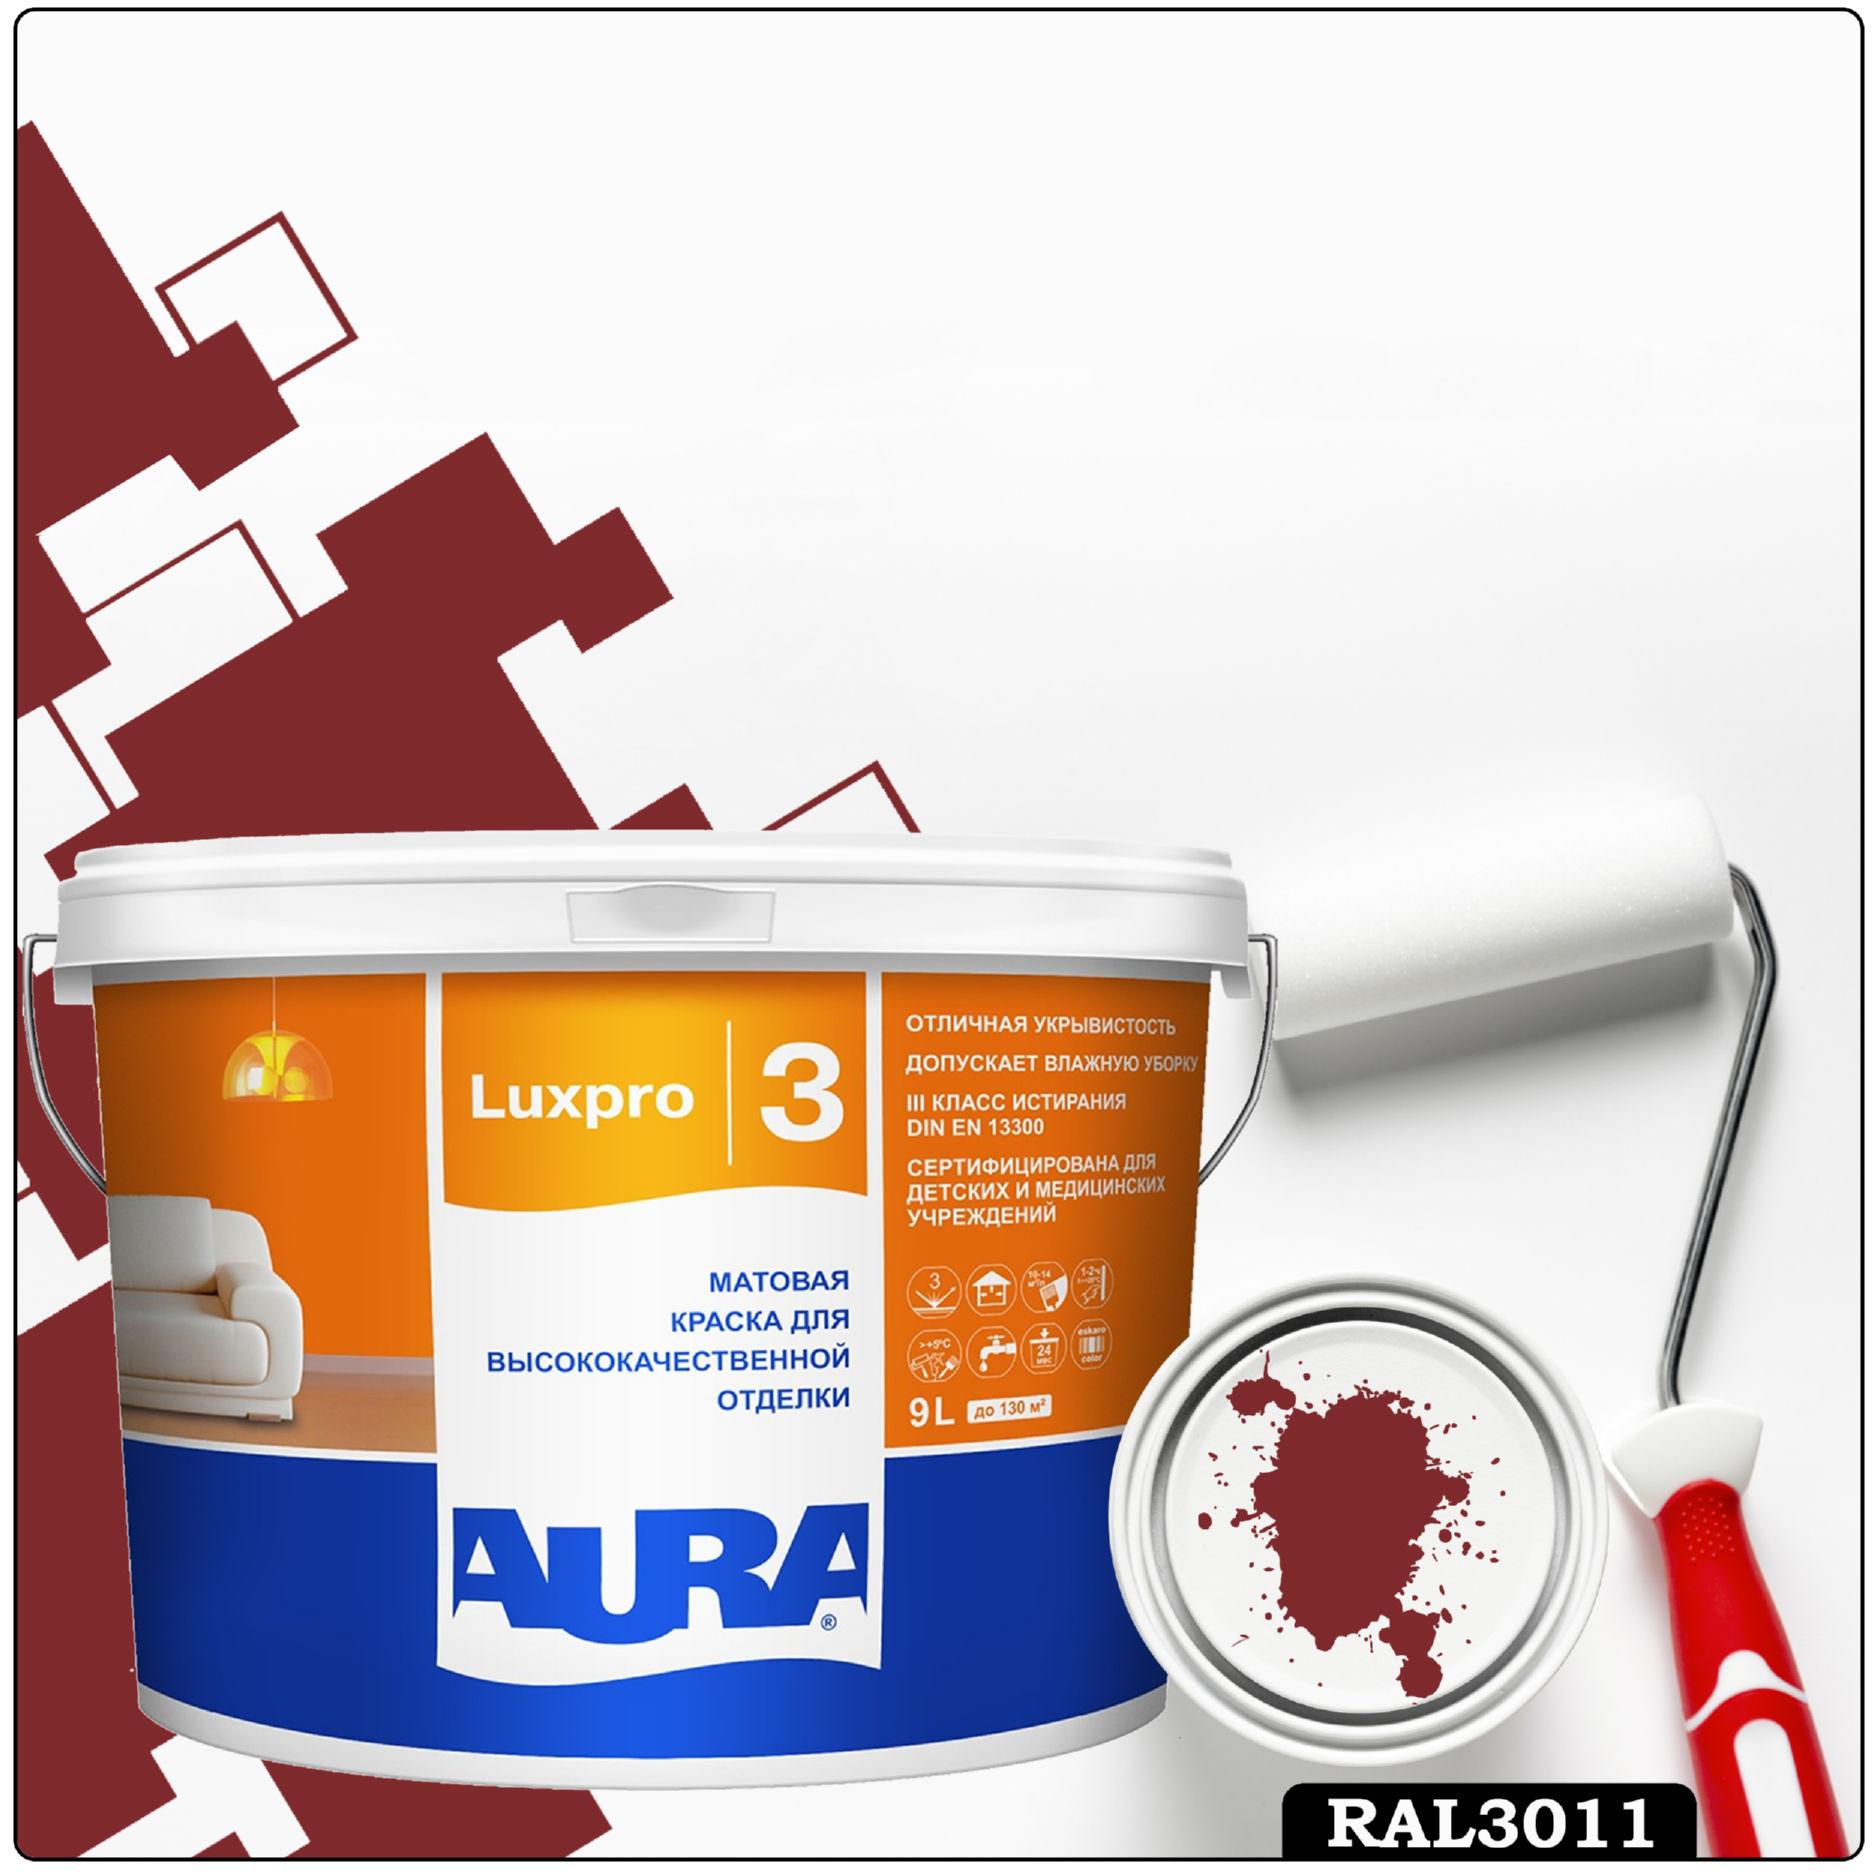 Фото 2 - Краска Aura LuxPRO 3, RAL 3011 Коричнево-красный, латексная, шелково-матовая, интерьерная, 9л, Аура.